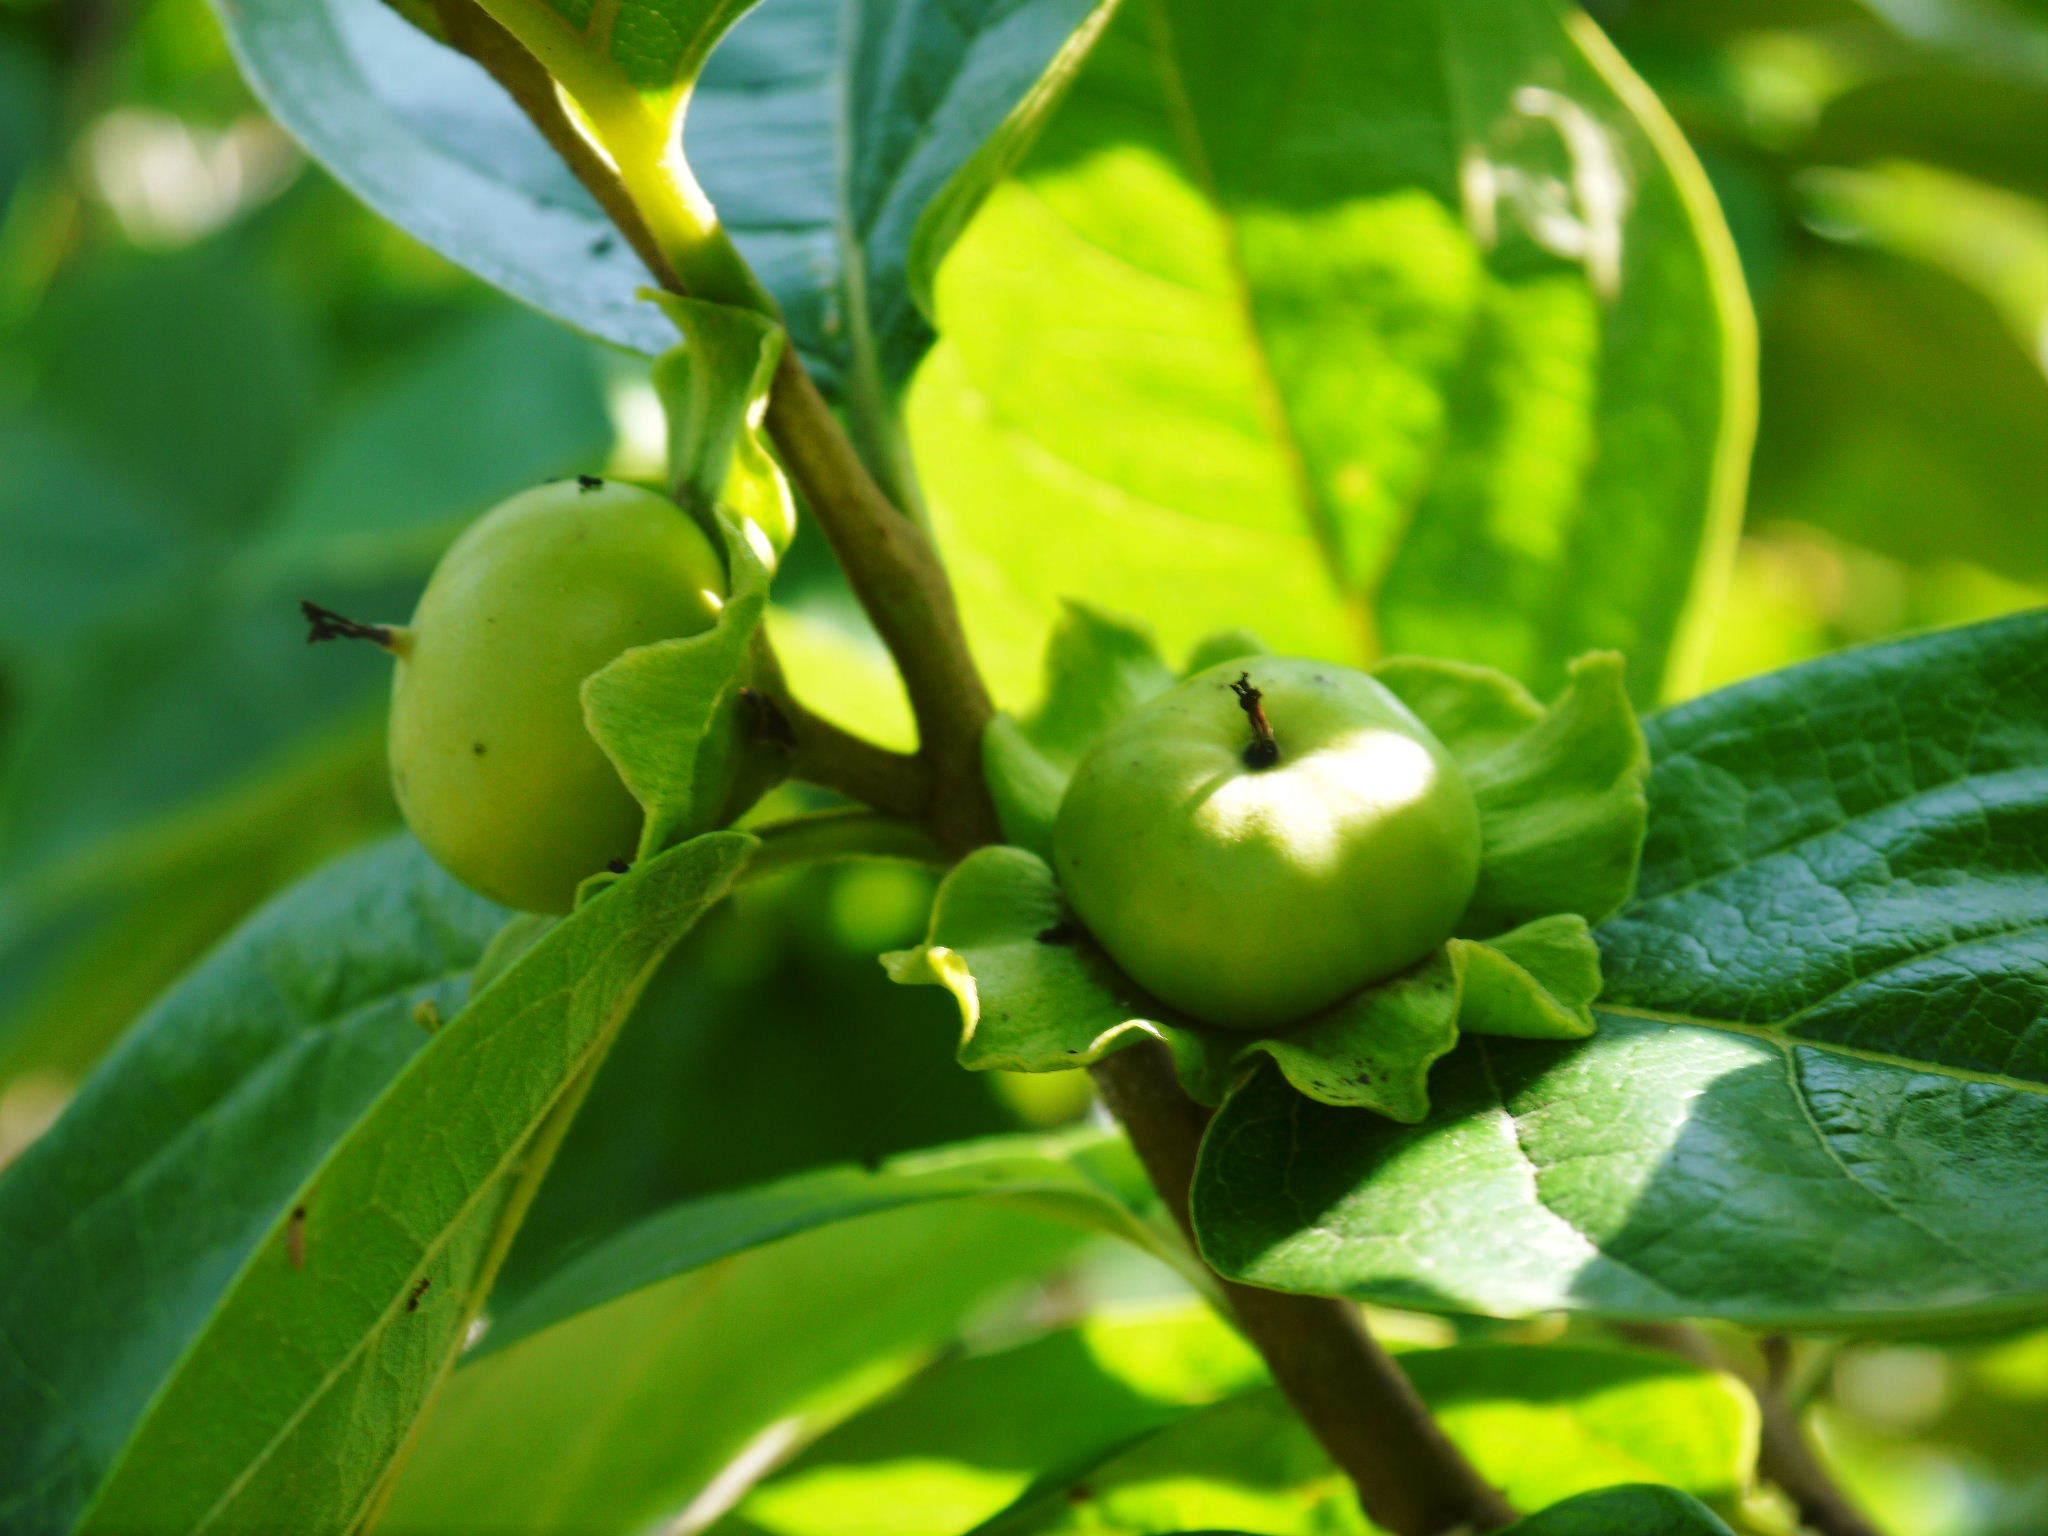 太秋柿 令和2年度の古川果樹園さんの『太秋柿』は収穫できた分だけの出荷で正式販売は中止となりました_a0254656_18124056.jpg